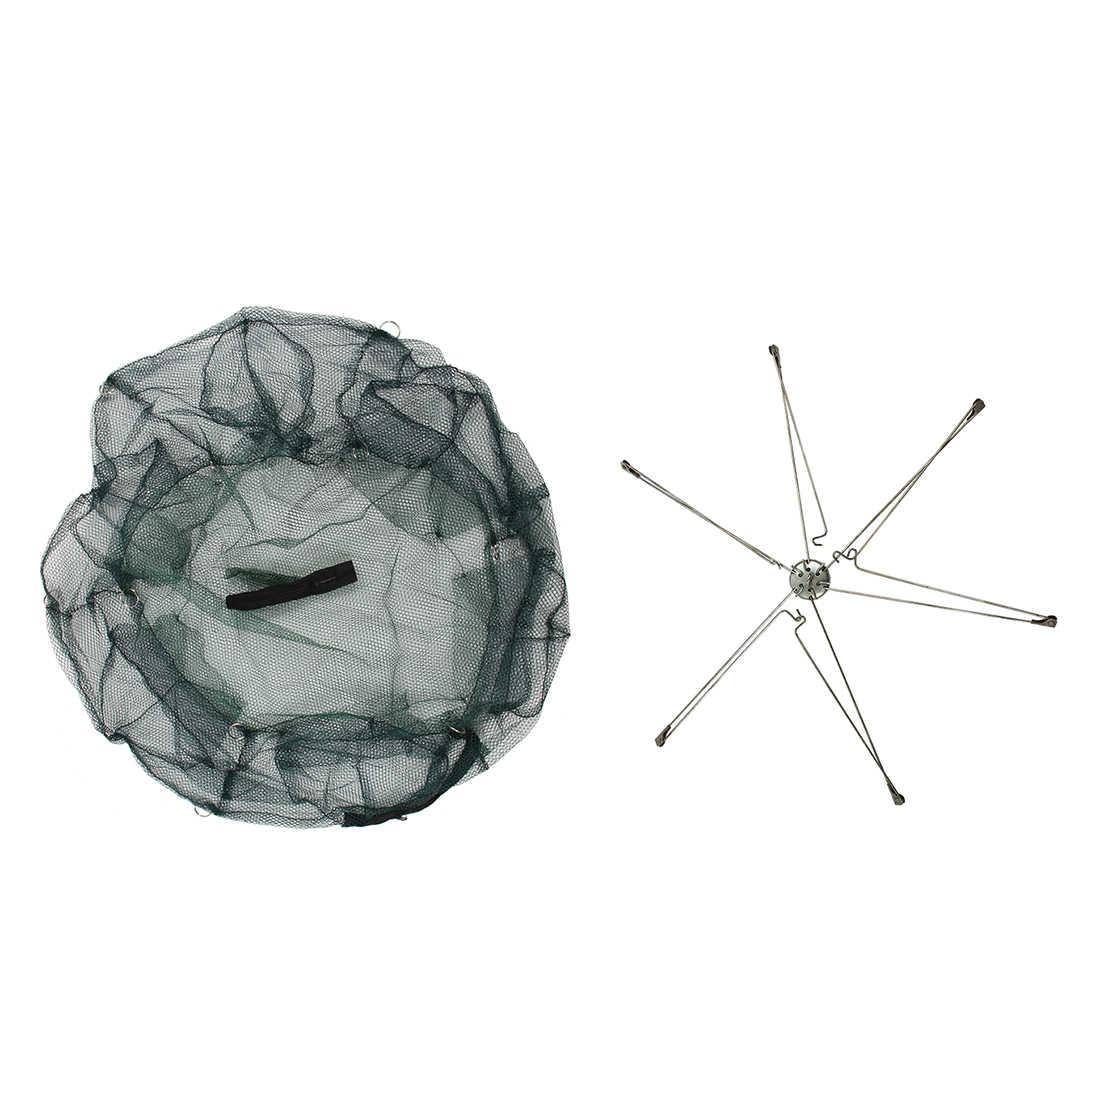 Gaiola rede de pesca de solha peixe lagosta camarão cesta de reposição 6 furos